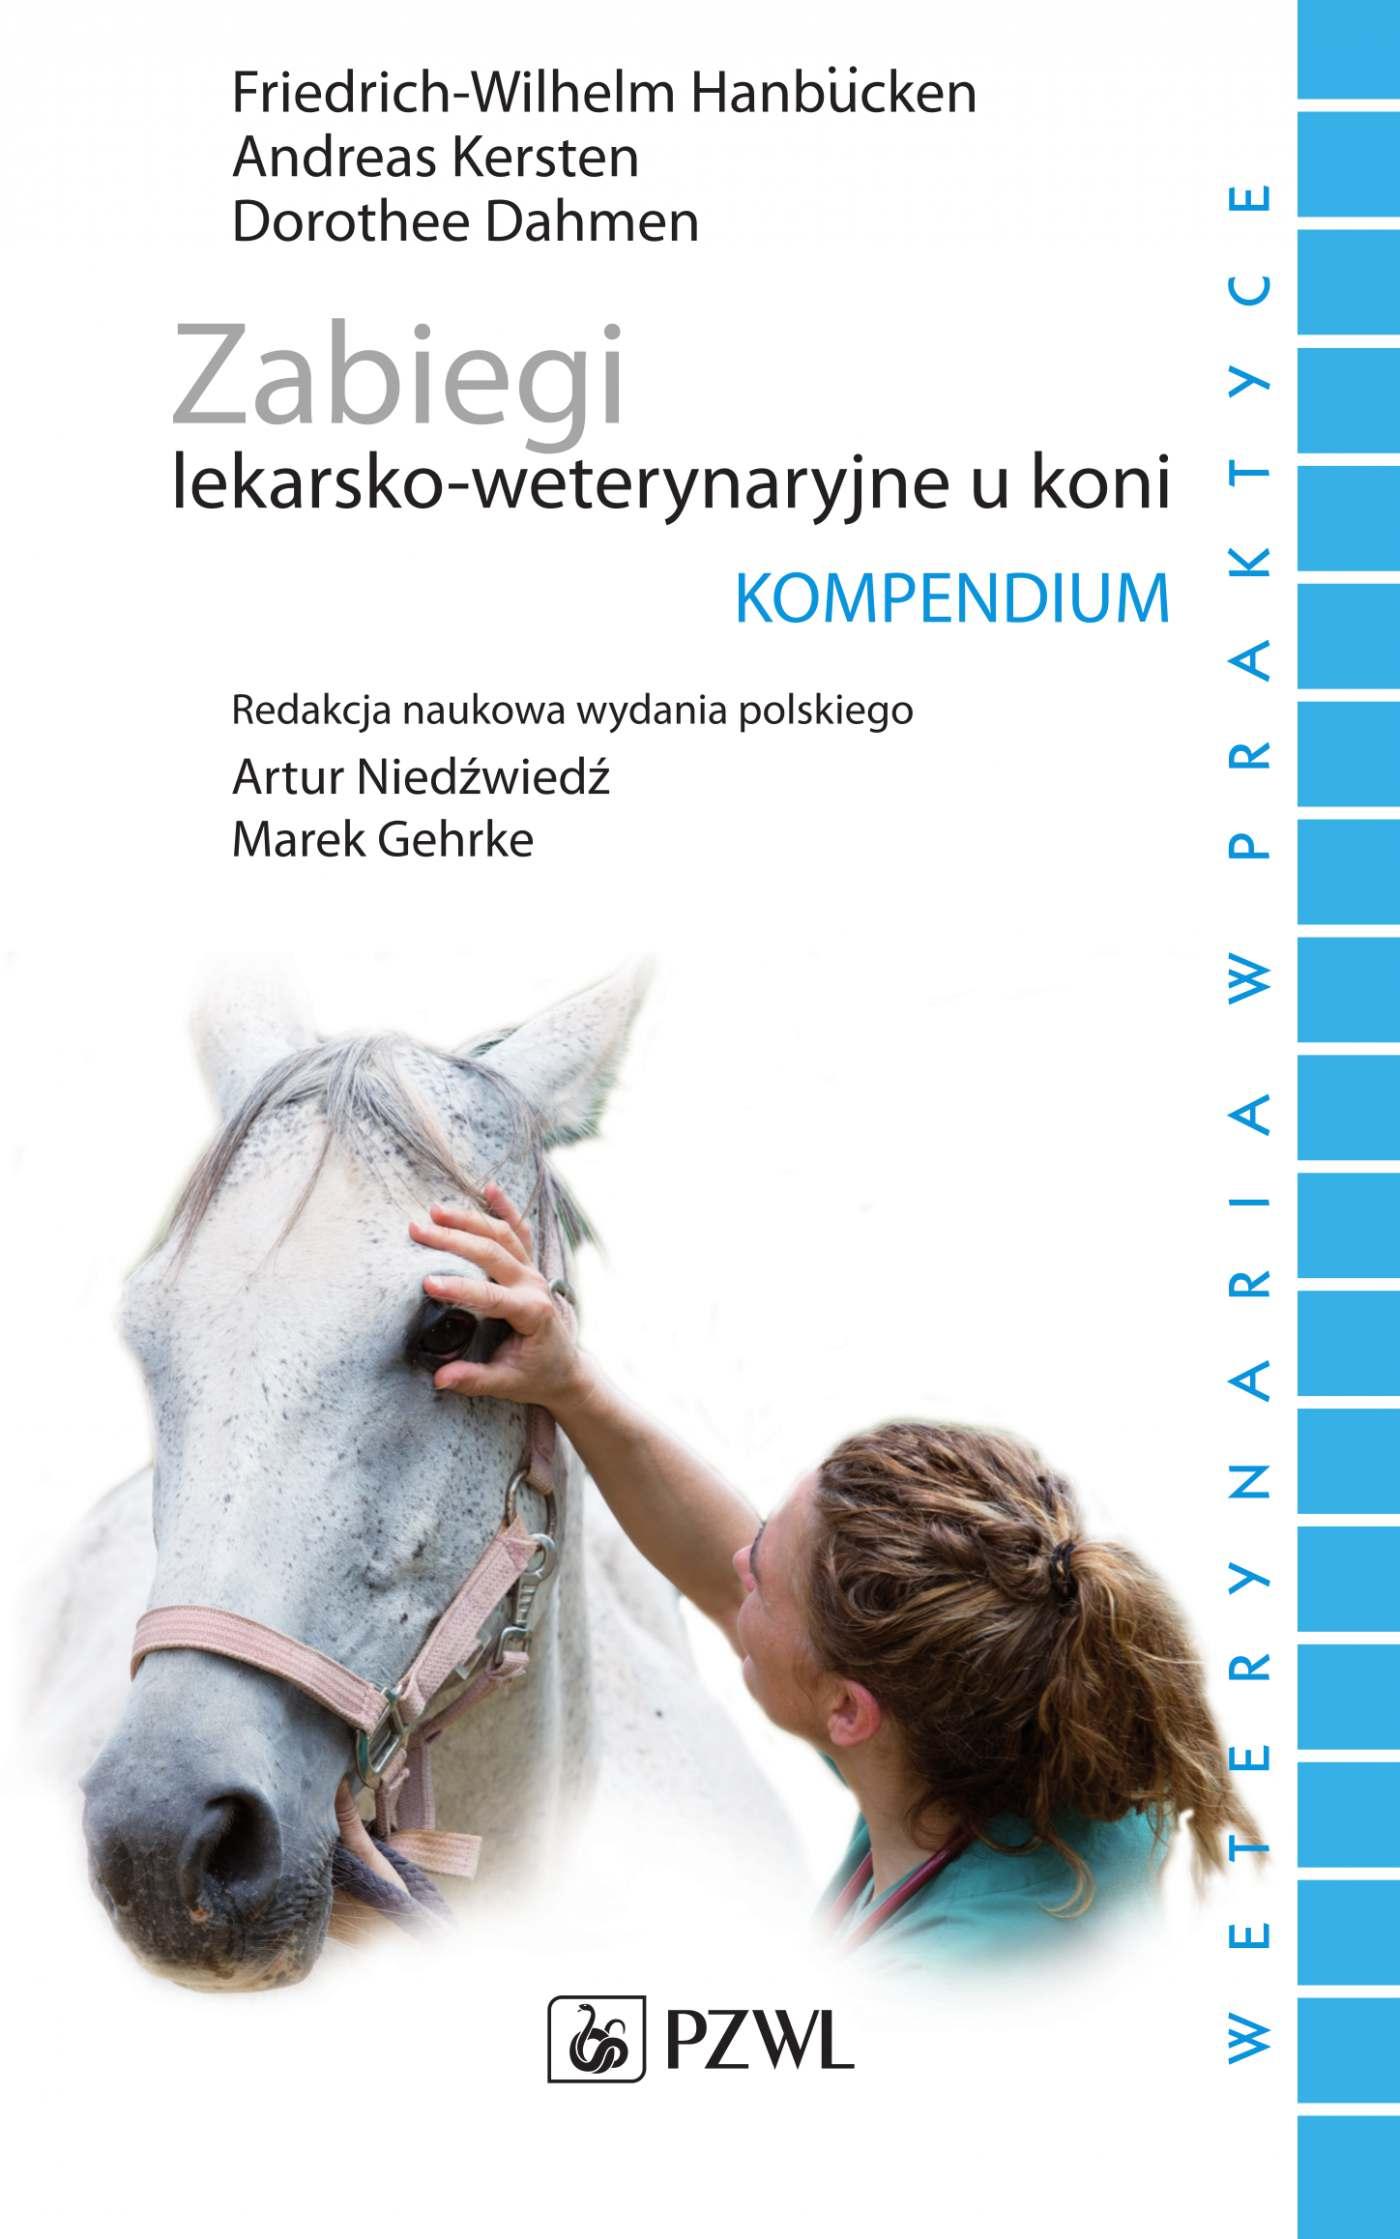 Zabiegi lekarsko-weterynaryjne u koni. Kompendium - Ebook (Książka na Kindle) do pobrania w formacie MOBI